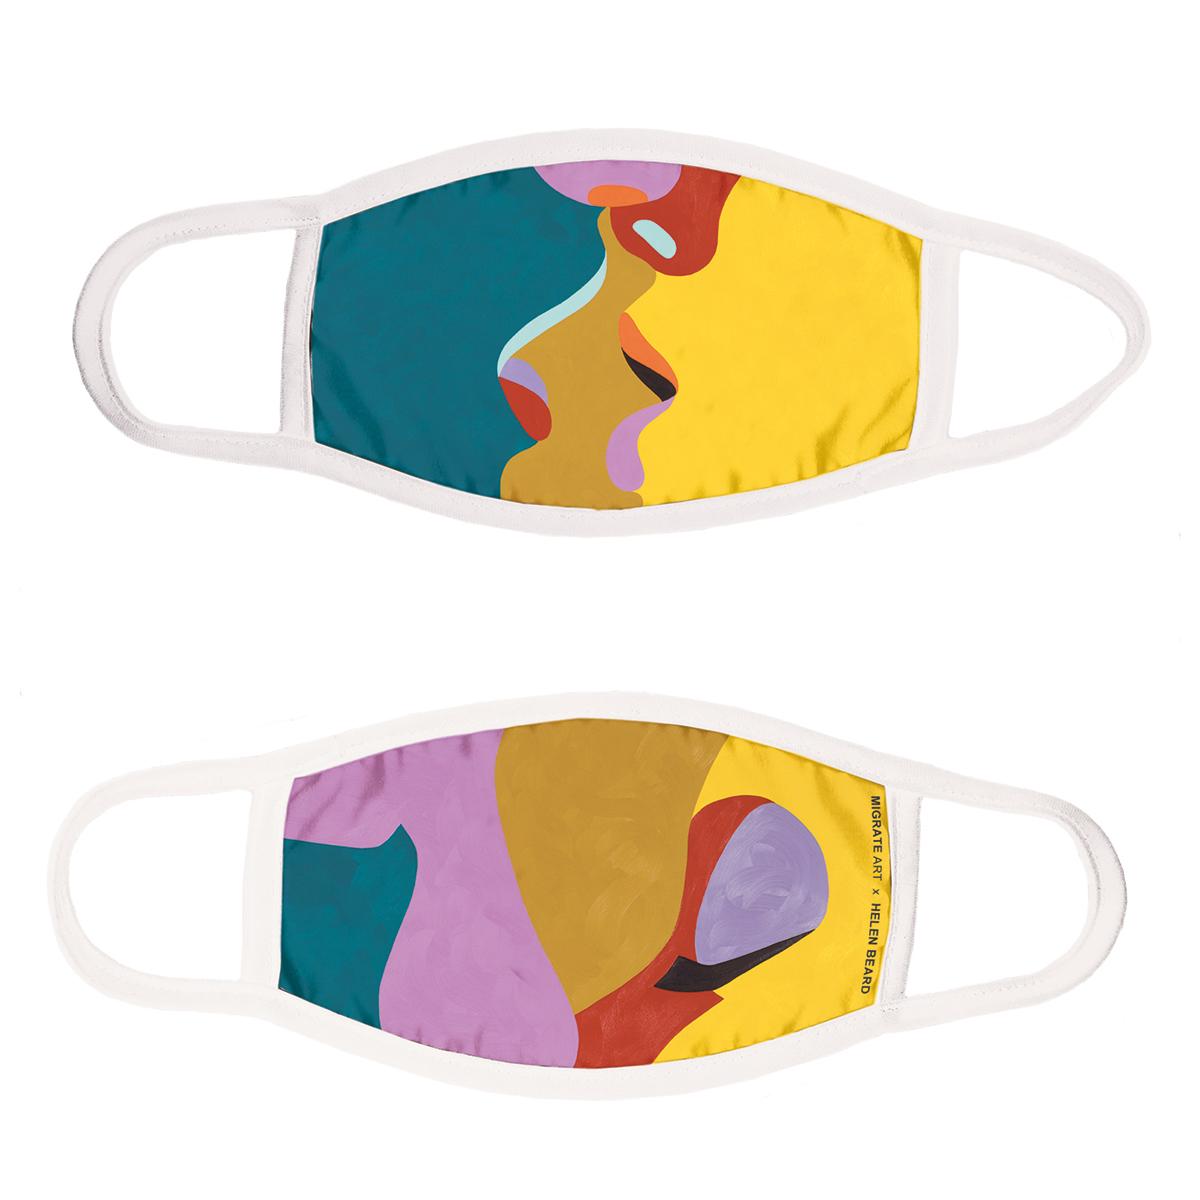 Masks for Meals